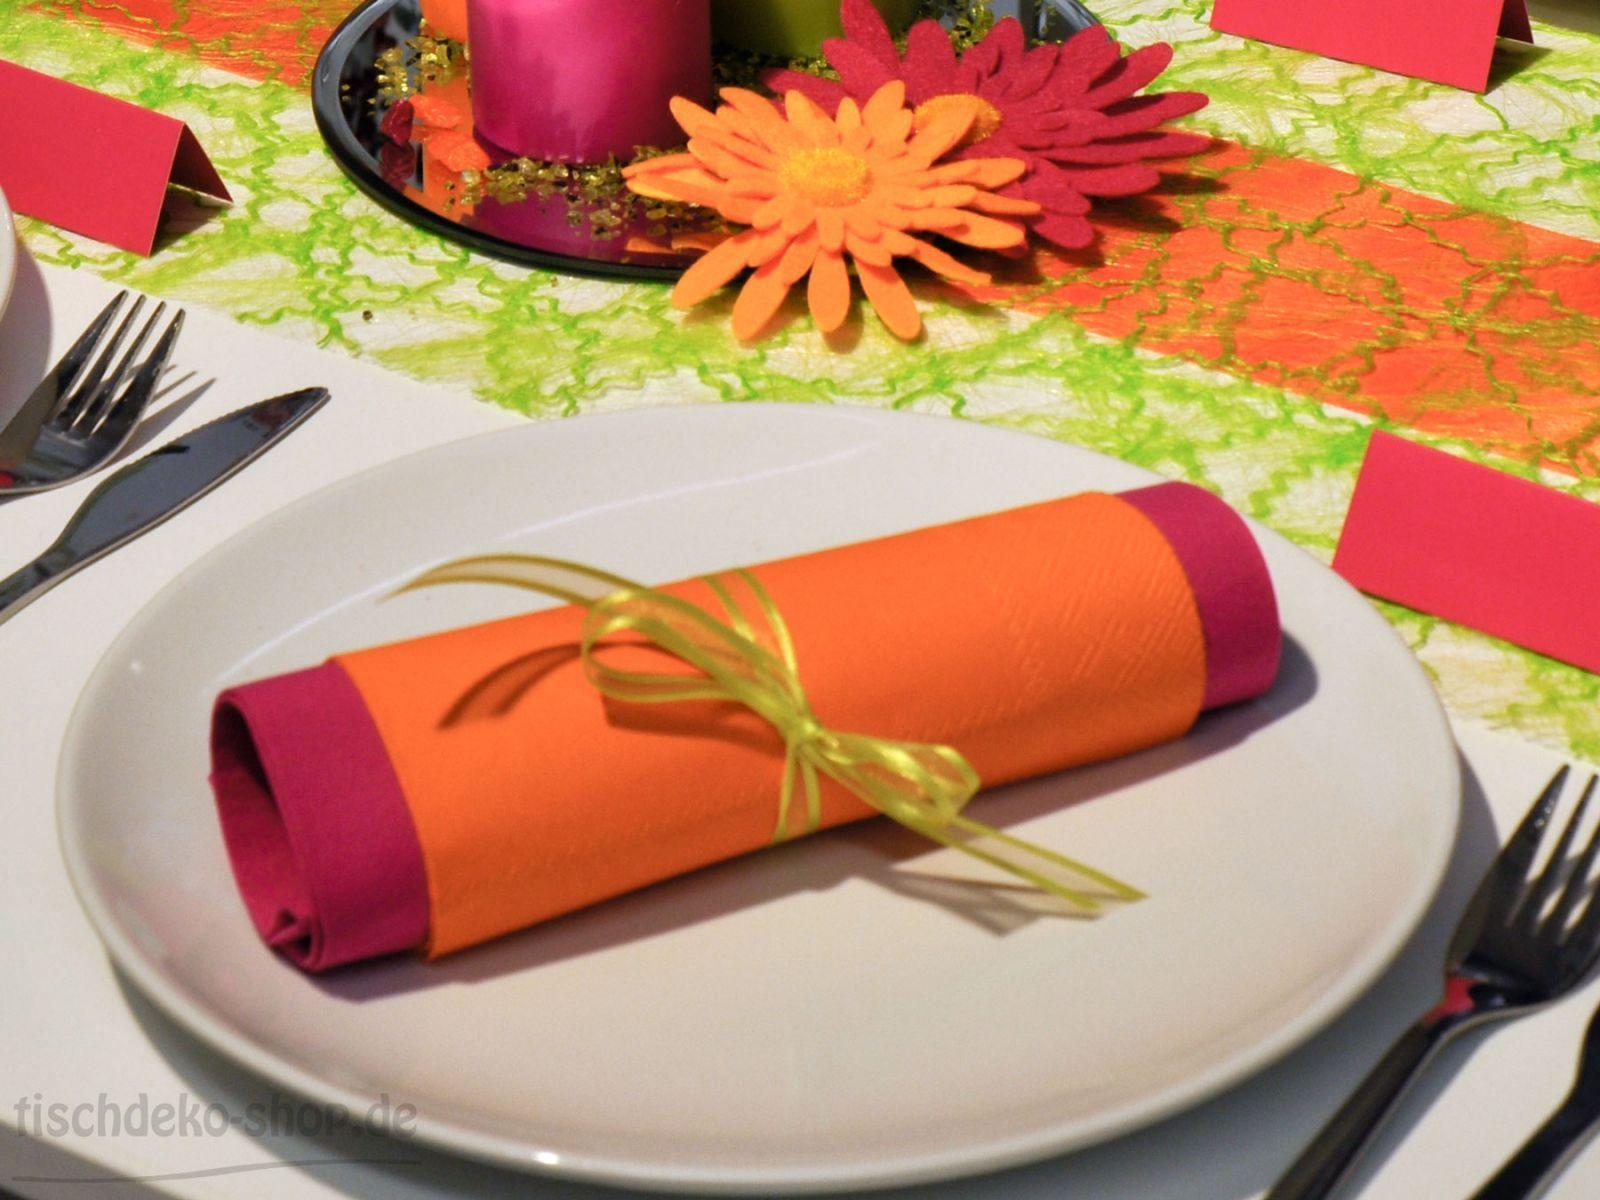 duni serviette fuchsia serviette ihr doublo orange servietten tischdeko orange und. Black Bedroom Furniture Sets. Home Design Ideas